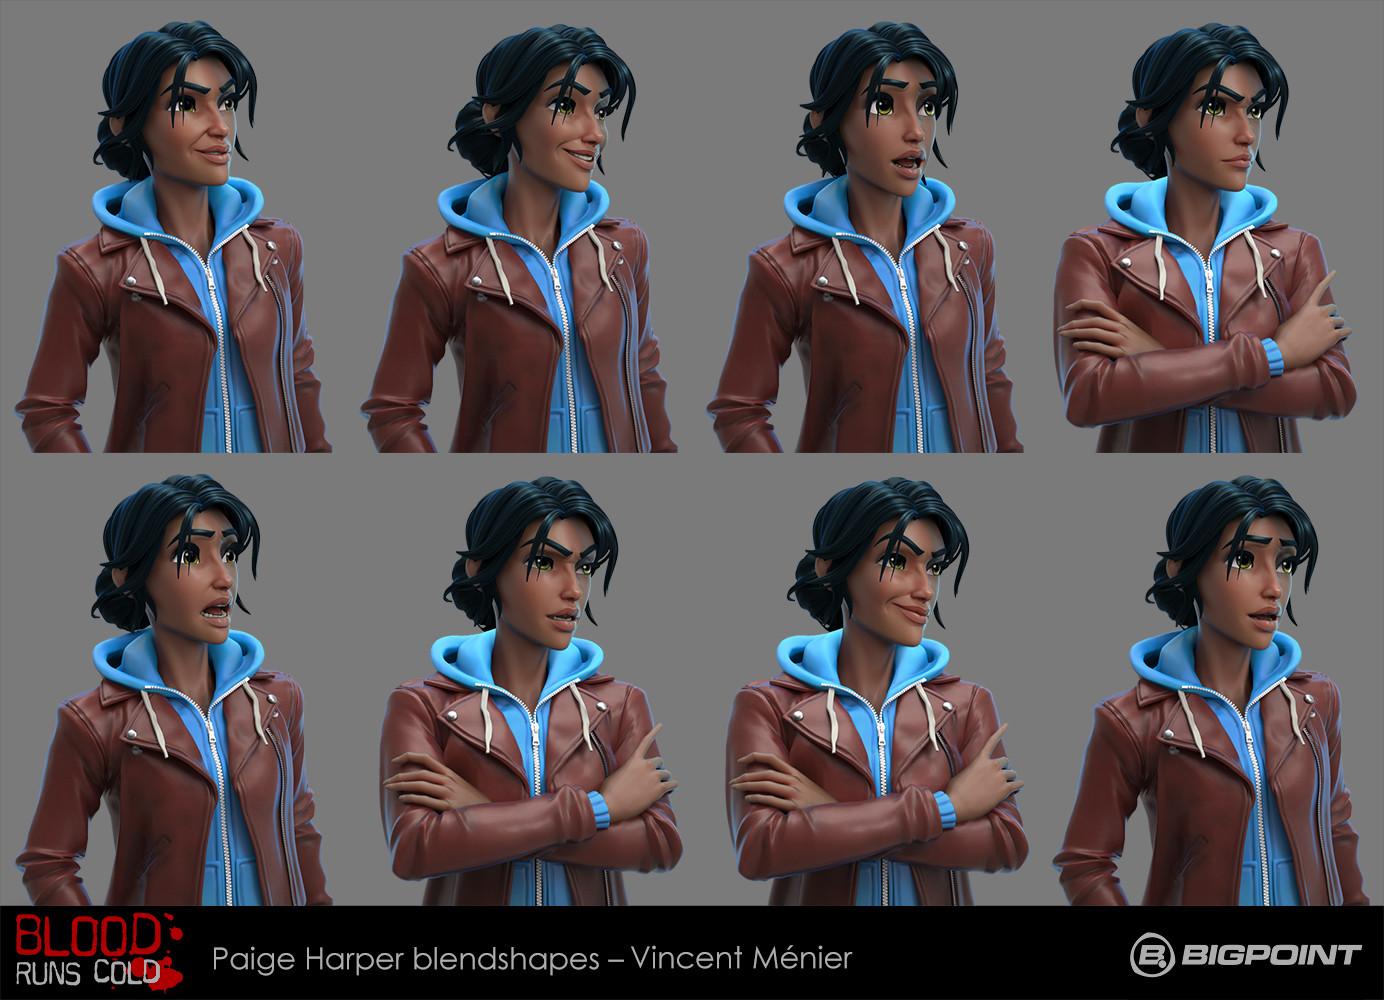 Vincent menier brc paige blendshapes by vincent menier s